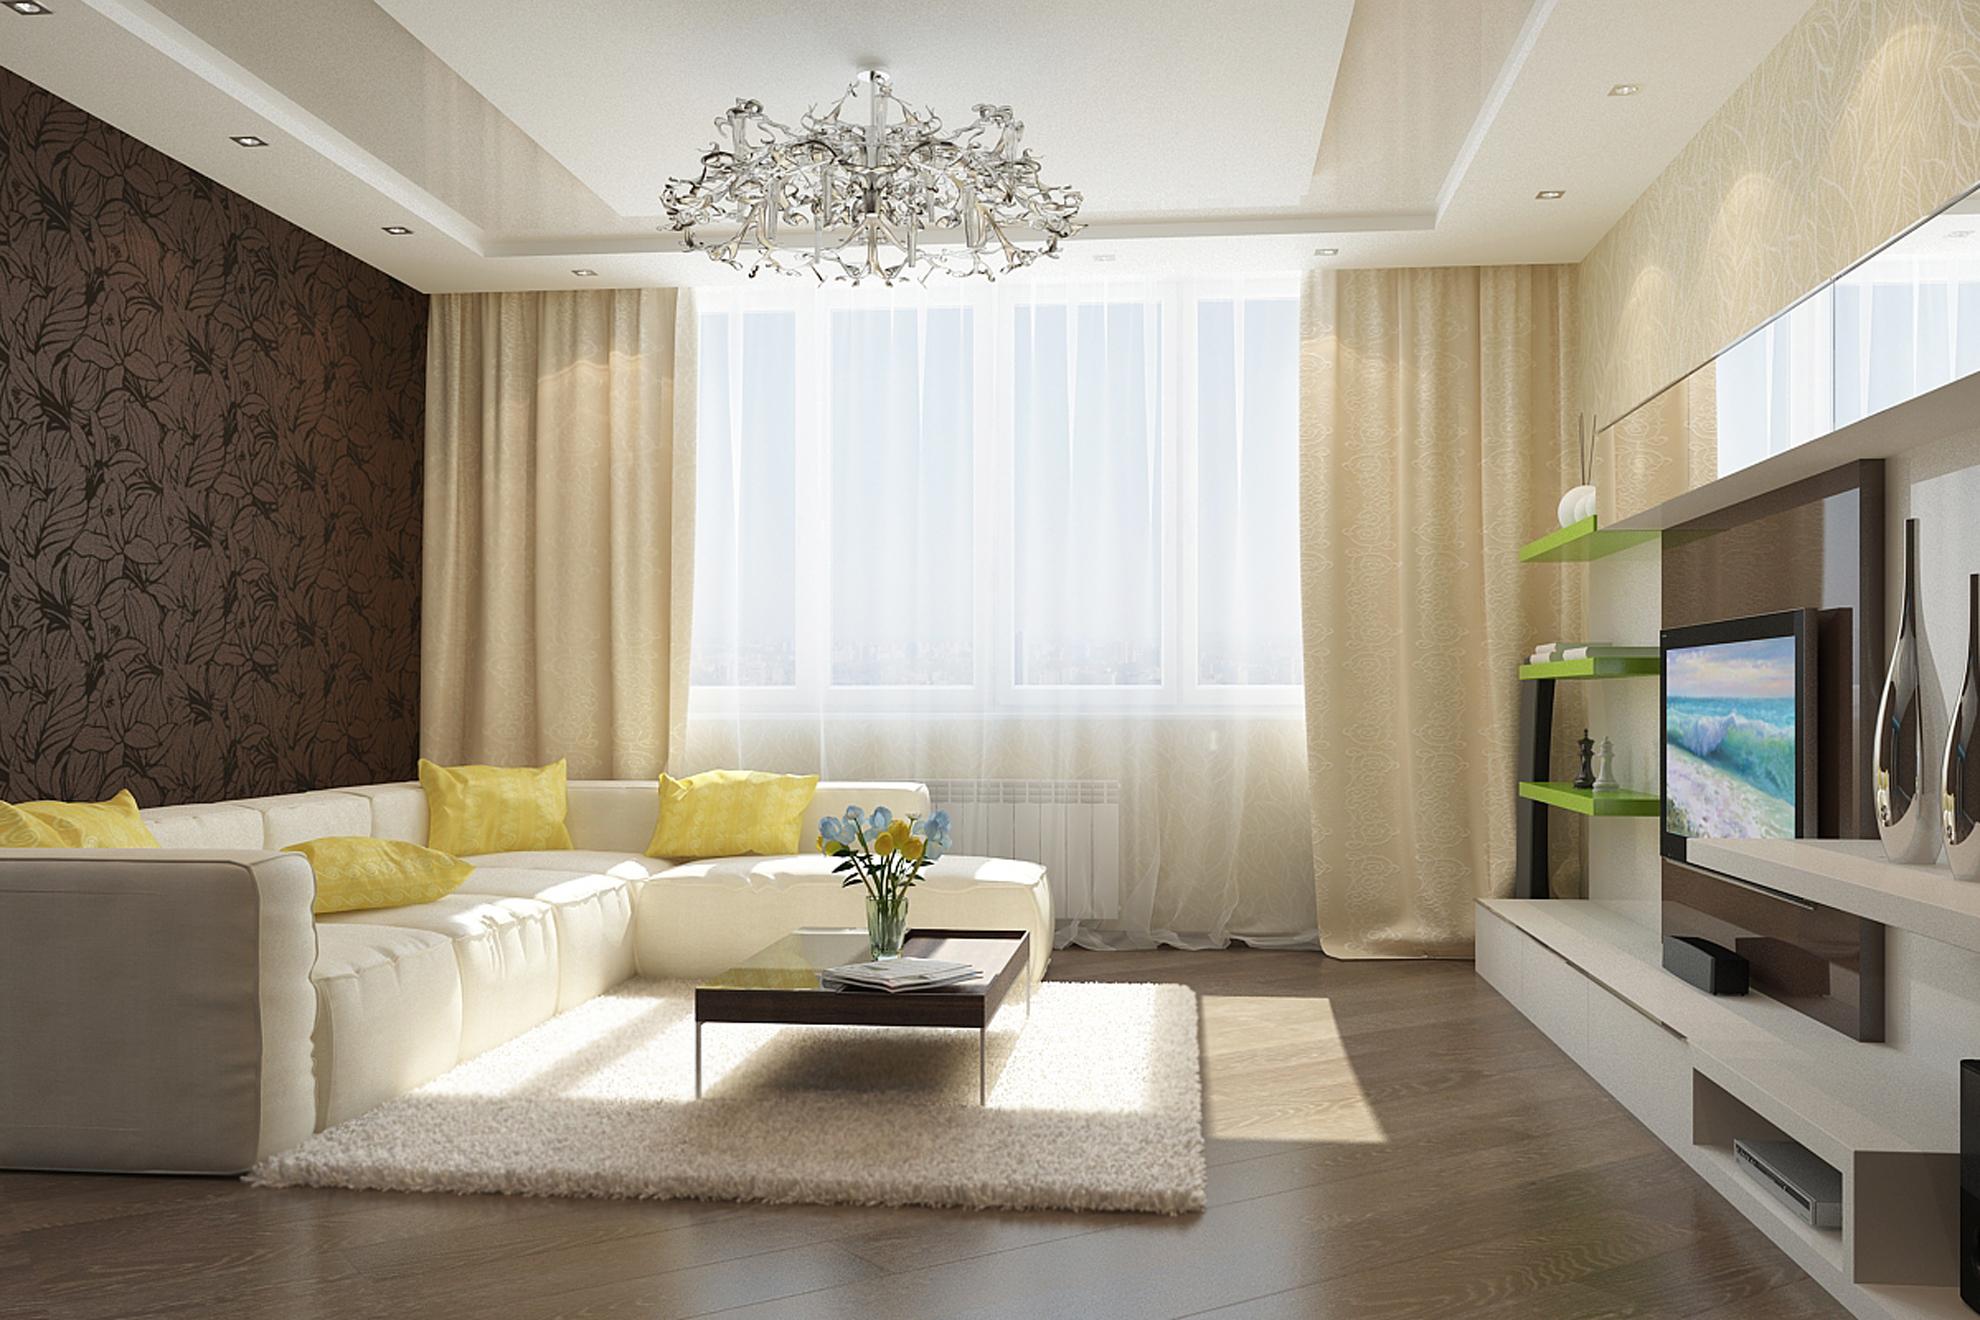 Ремонт зала в квартире фото.